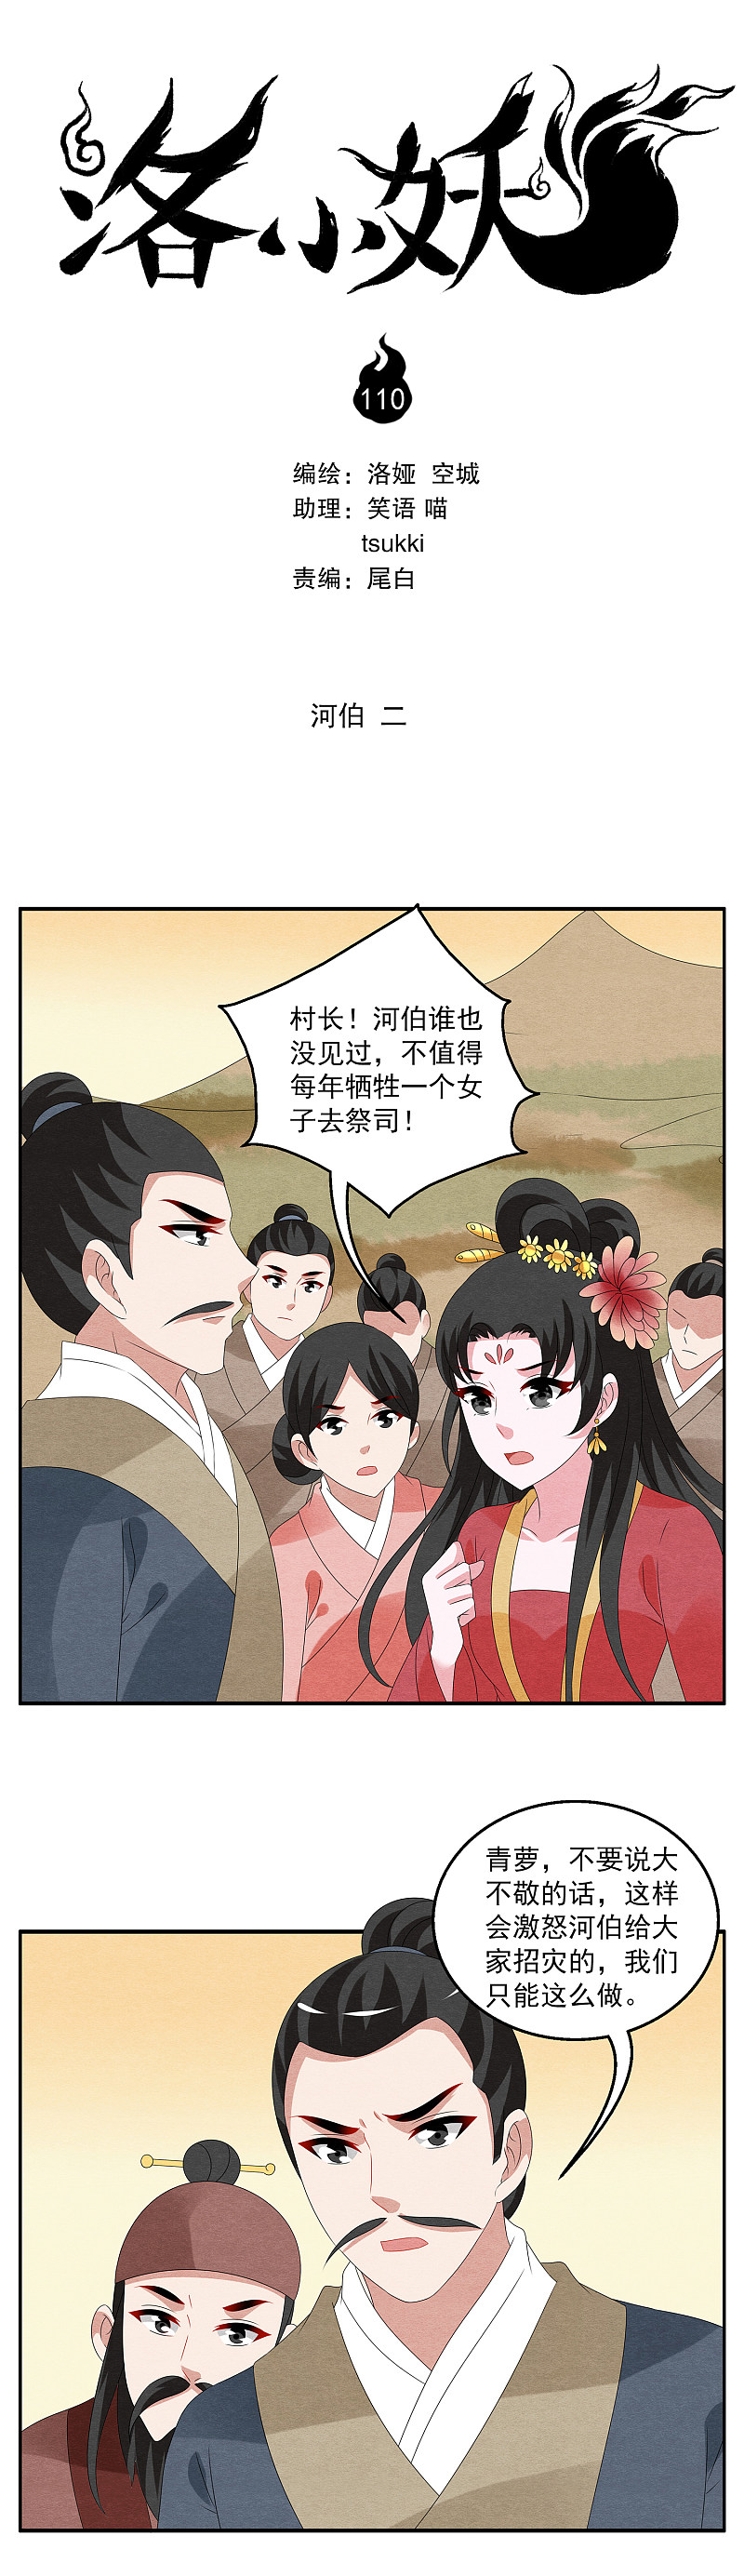 洛小妖110 (1).JPG